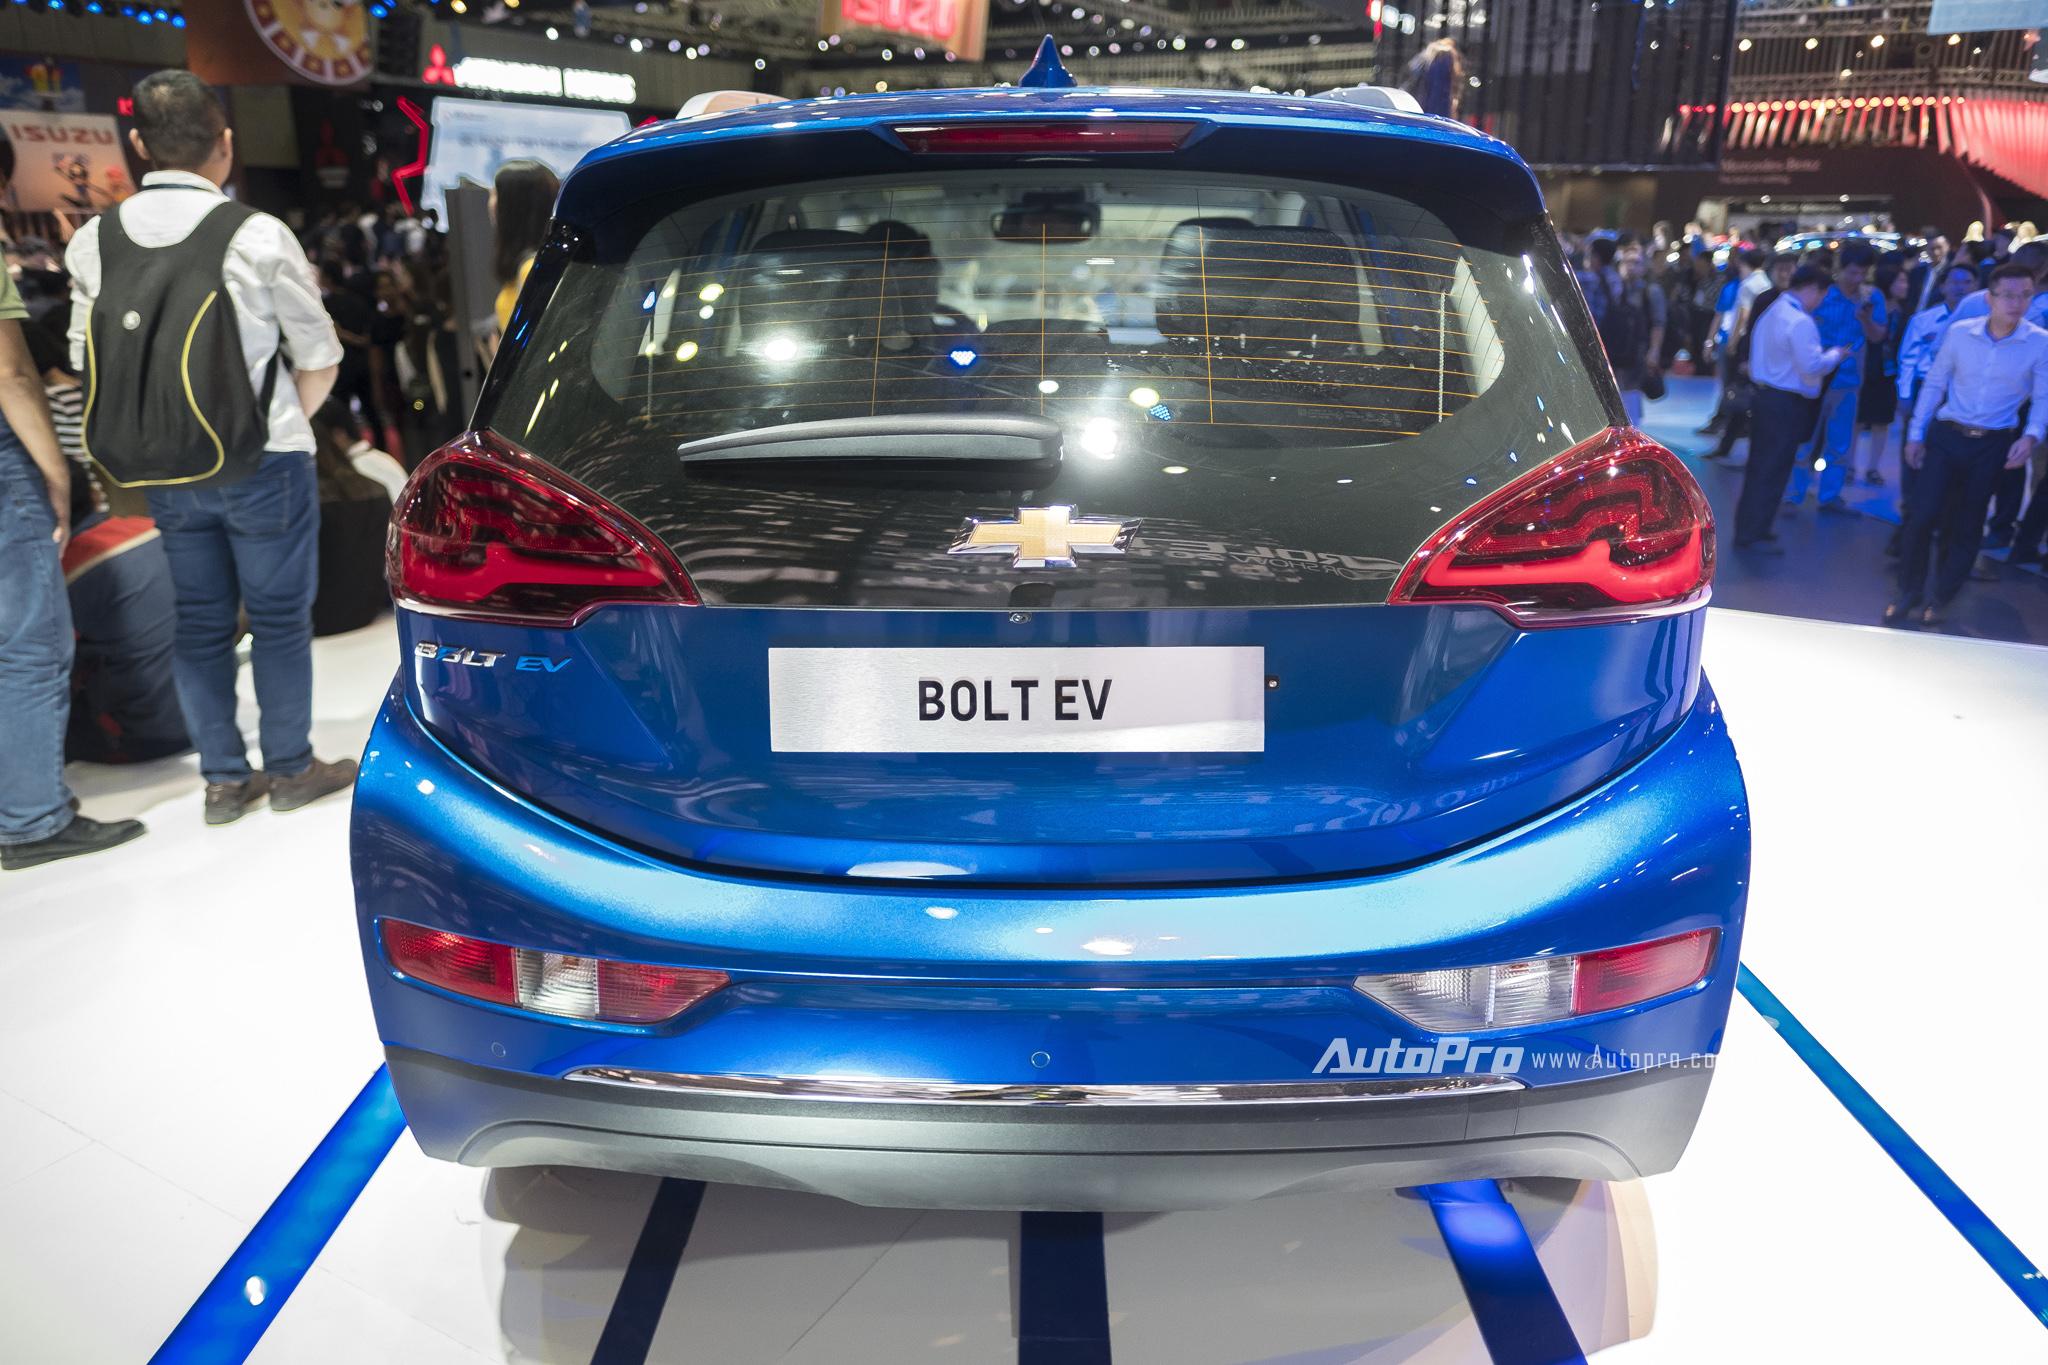 Khám phá xe xanh Chevrolet Bolt EV - Ảnh 2.